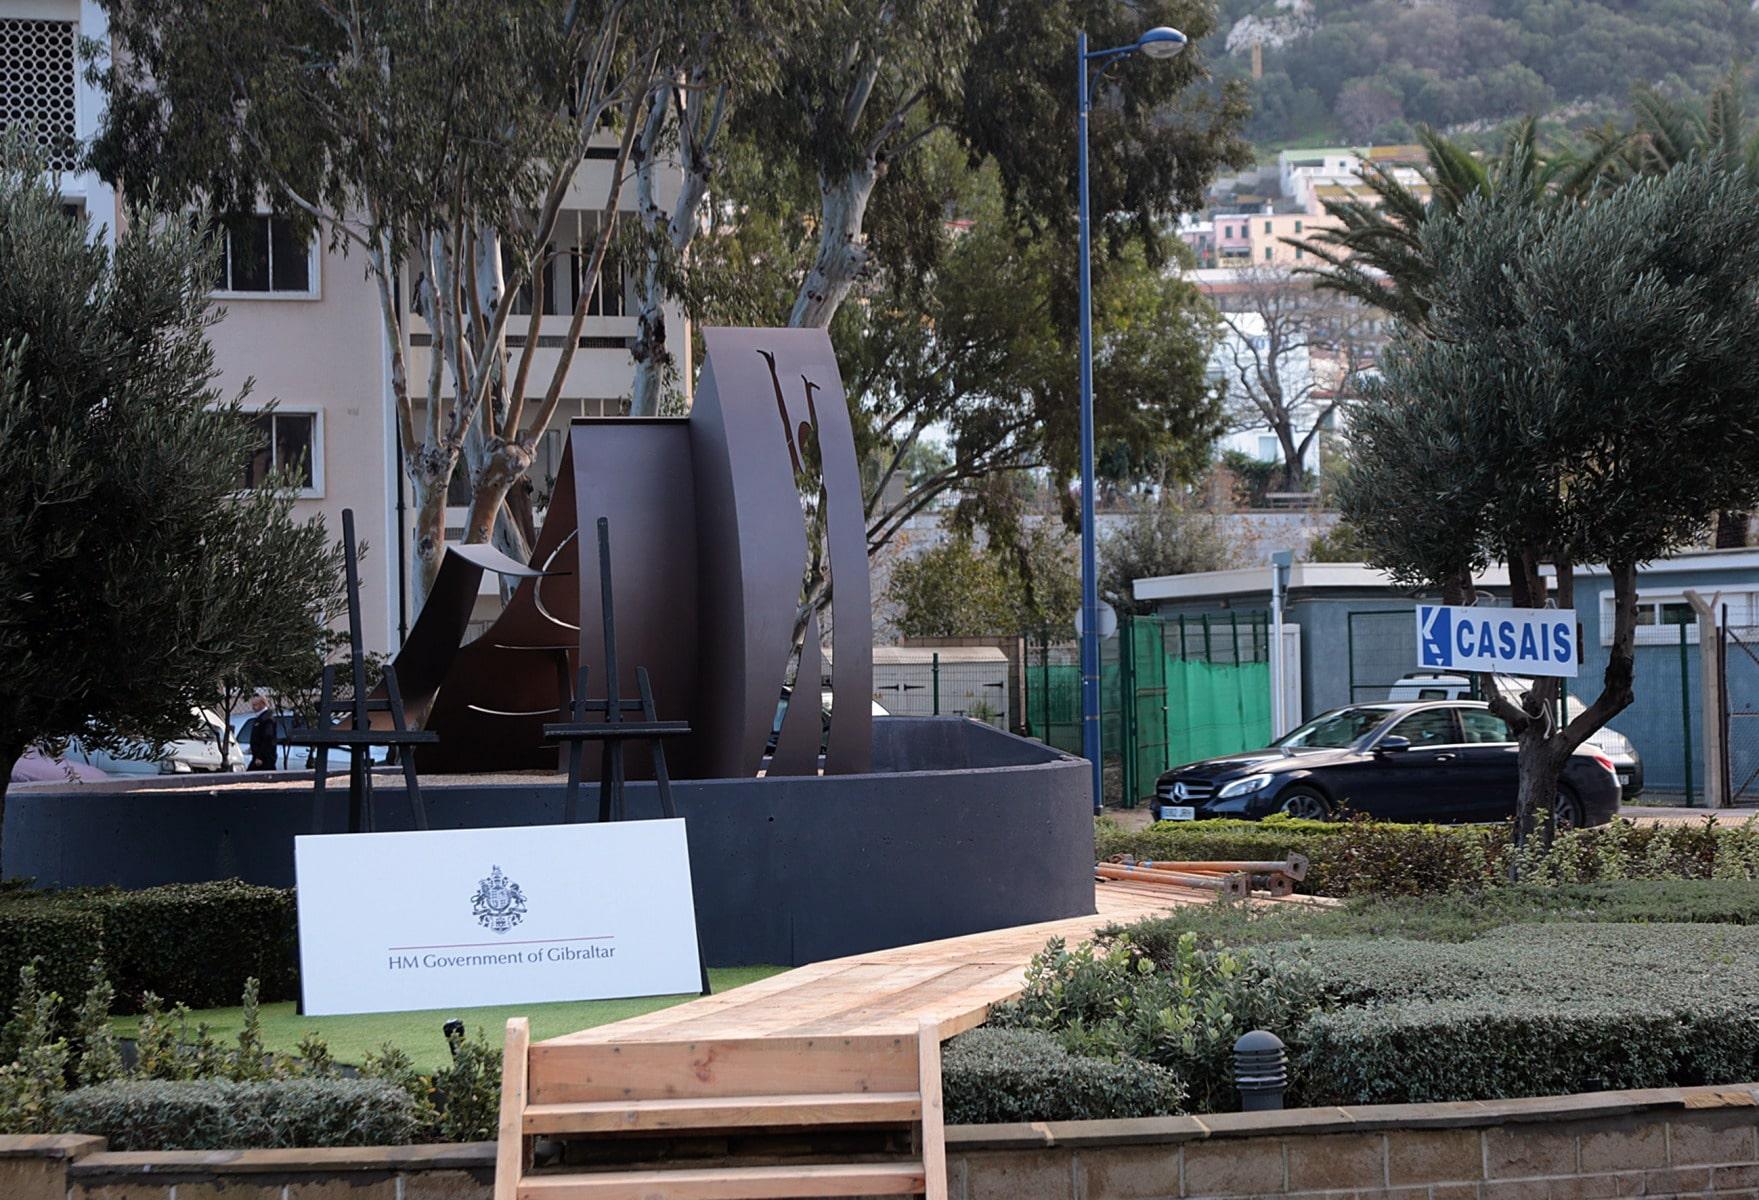 inauguracin-del-monumento-a-la-mujer-en-gibraltar_31093430580_o